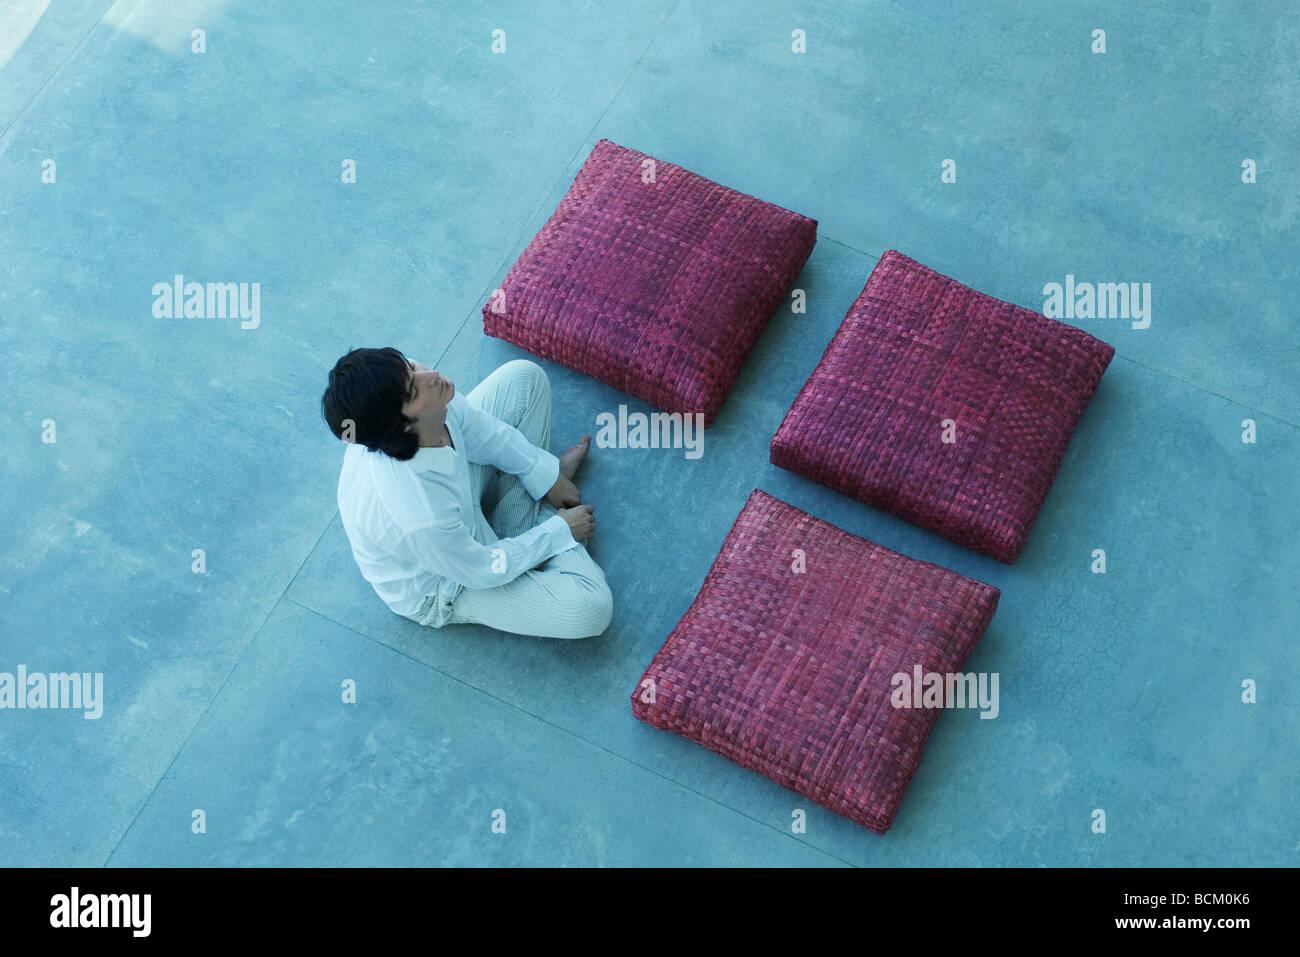 Tre cuscini quadrati e uomo disposti in forma quadrata, uomo gambe incrociate, chiudendo gli occhi, ad alto angolo Immagini Stock